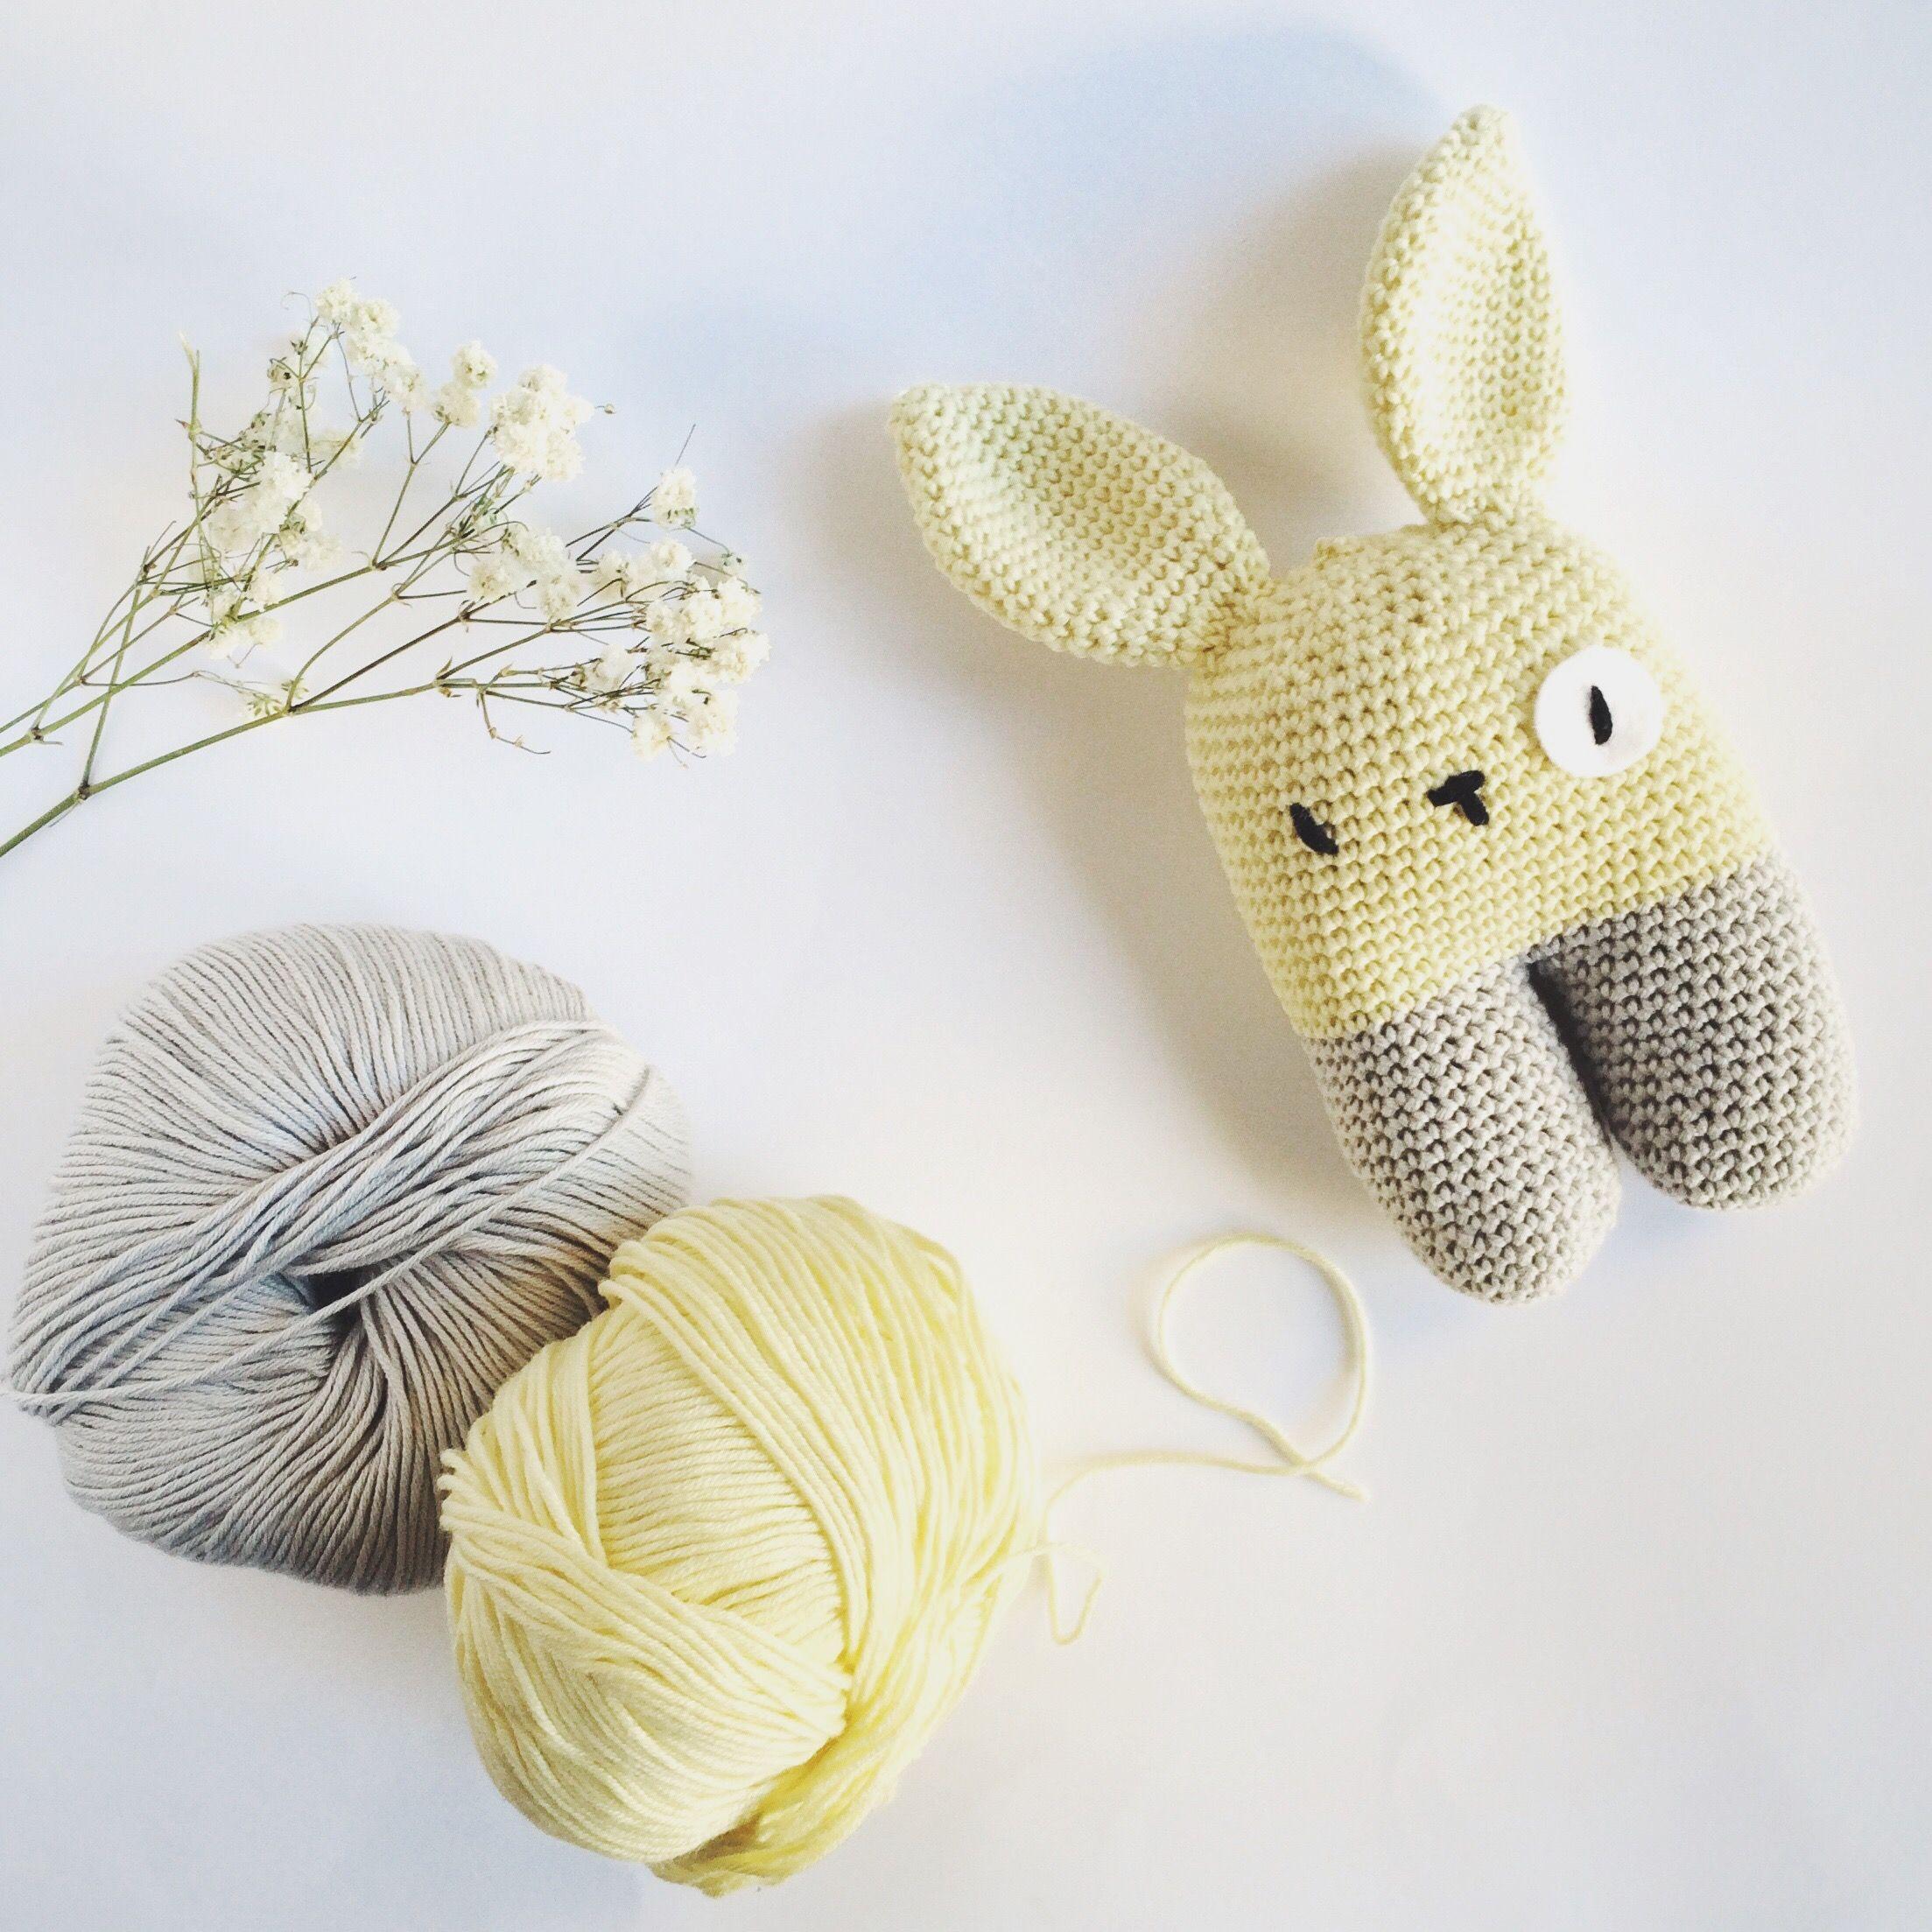 Conejito bípedo patrón de #lanukas #ganchillo #crochet ...